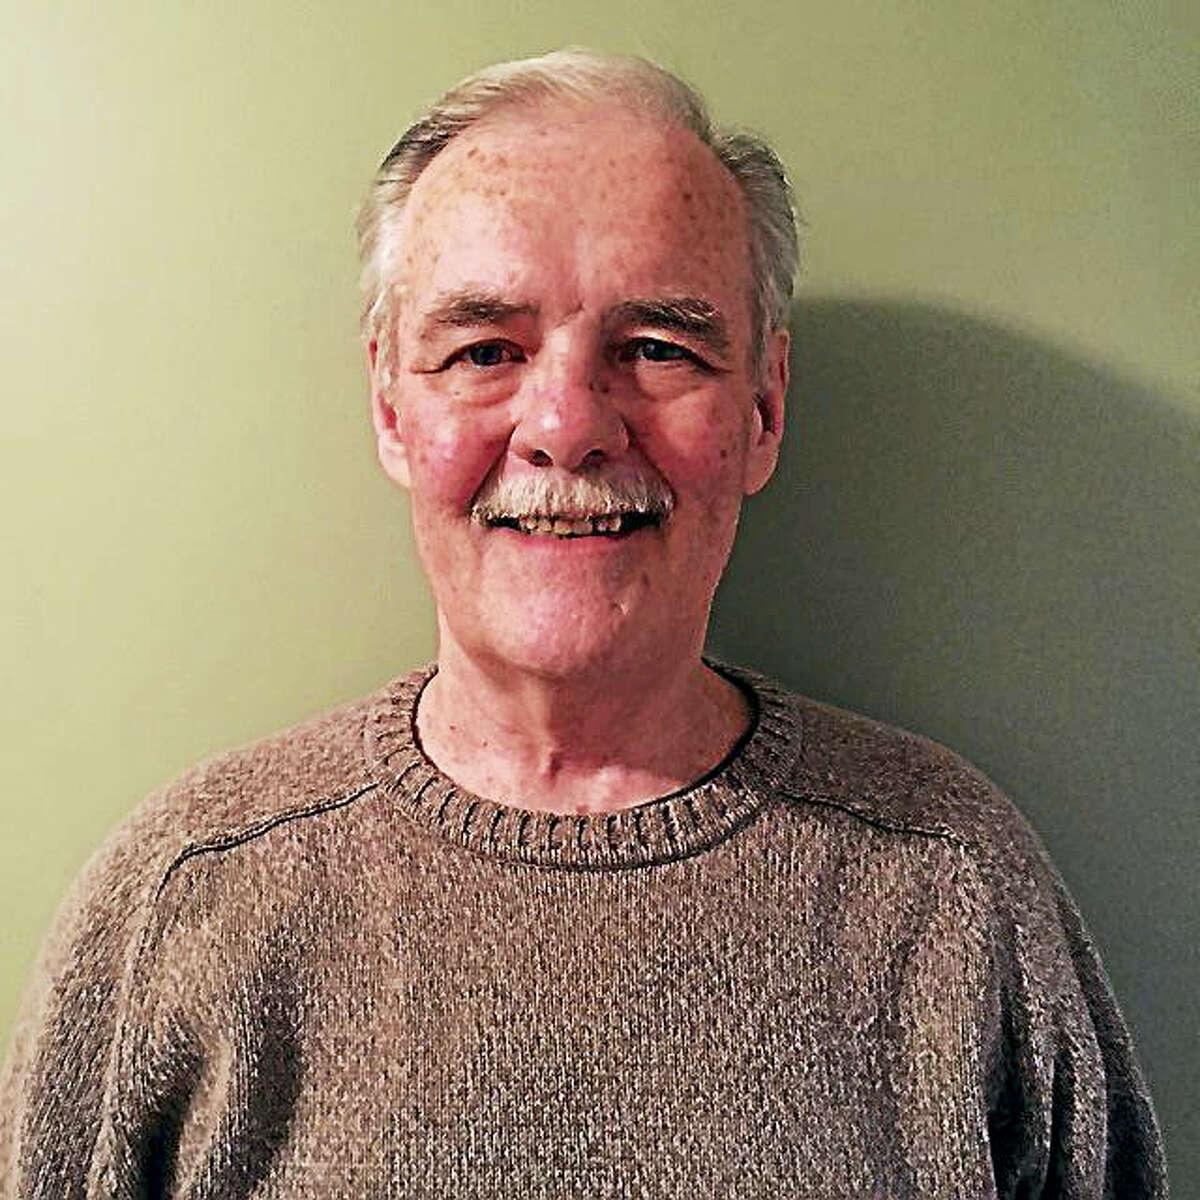 (C-HIT) Eugene Clarke, of Redding, Connecticut